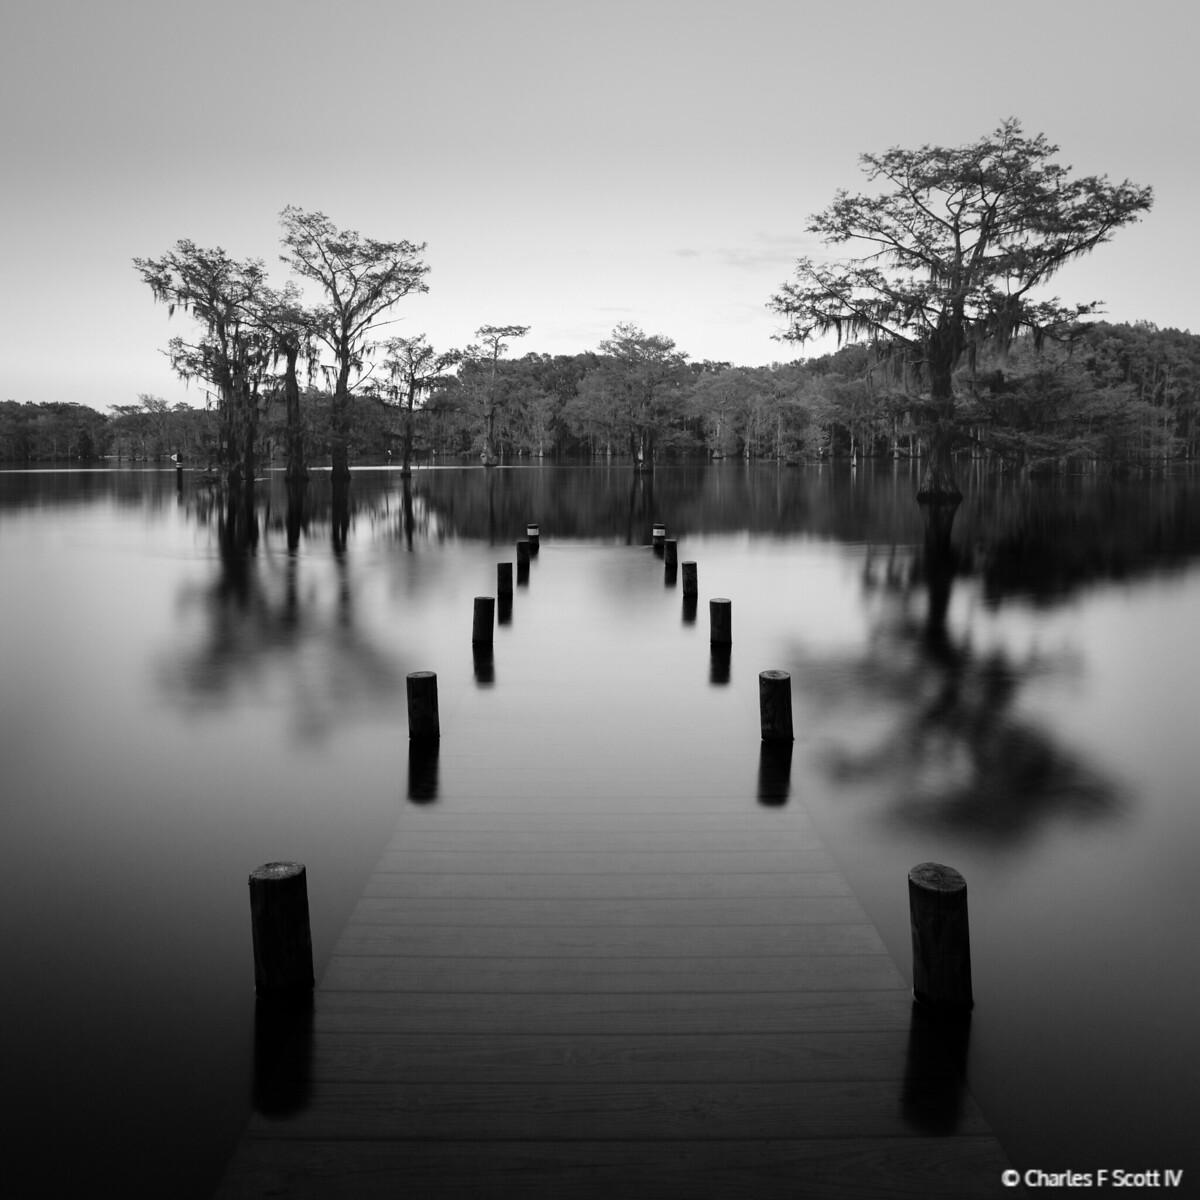 IMAGE: https://photos.smugmug.com/Public/2019-Landscape/i-dsvxFzW/0/3a8206fb/X3/20190427-1917-X3.jpg